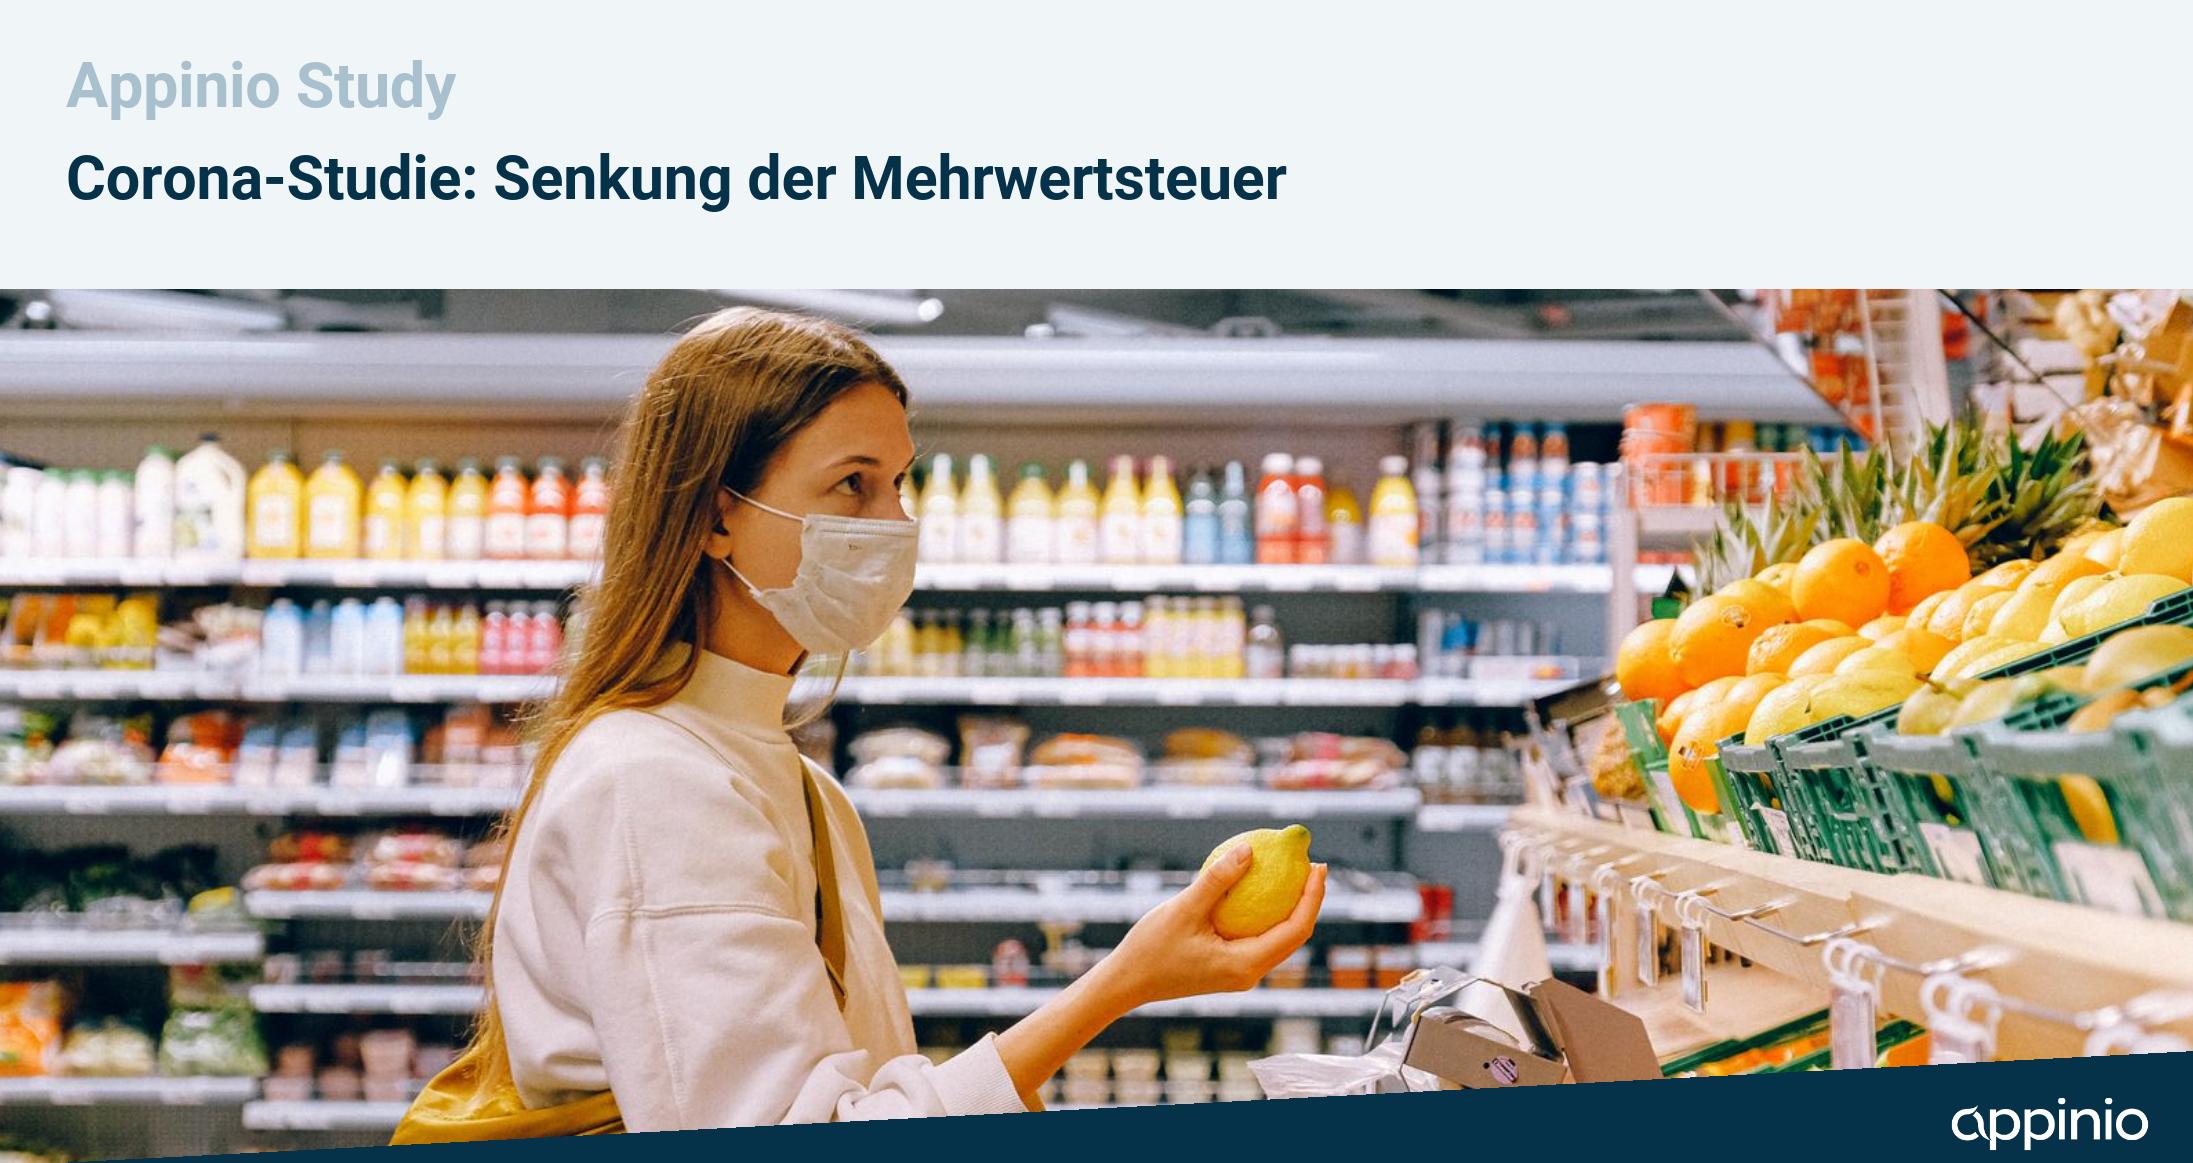 Frau mit Mundschutz beim Einkaufen, Titel: Senkung der Mehrwertsteuer